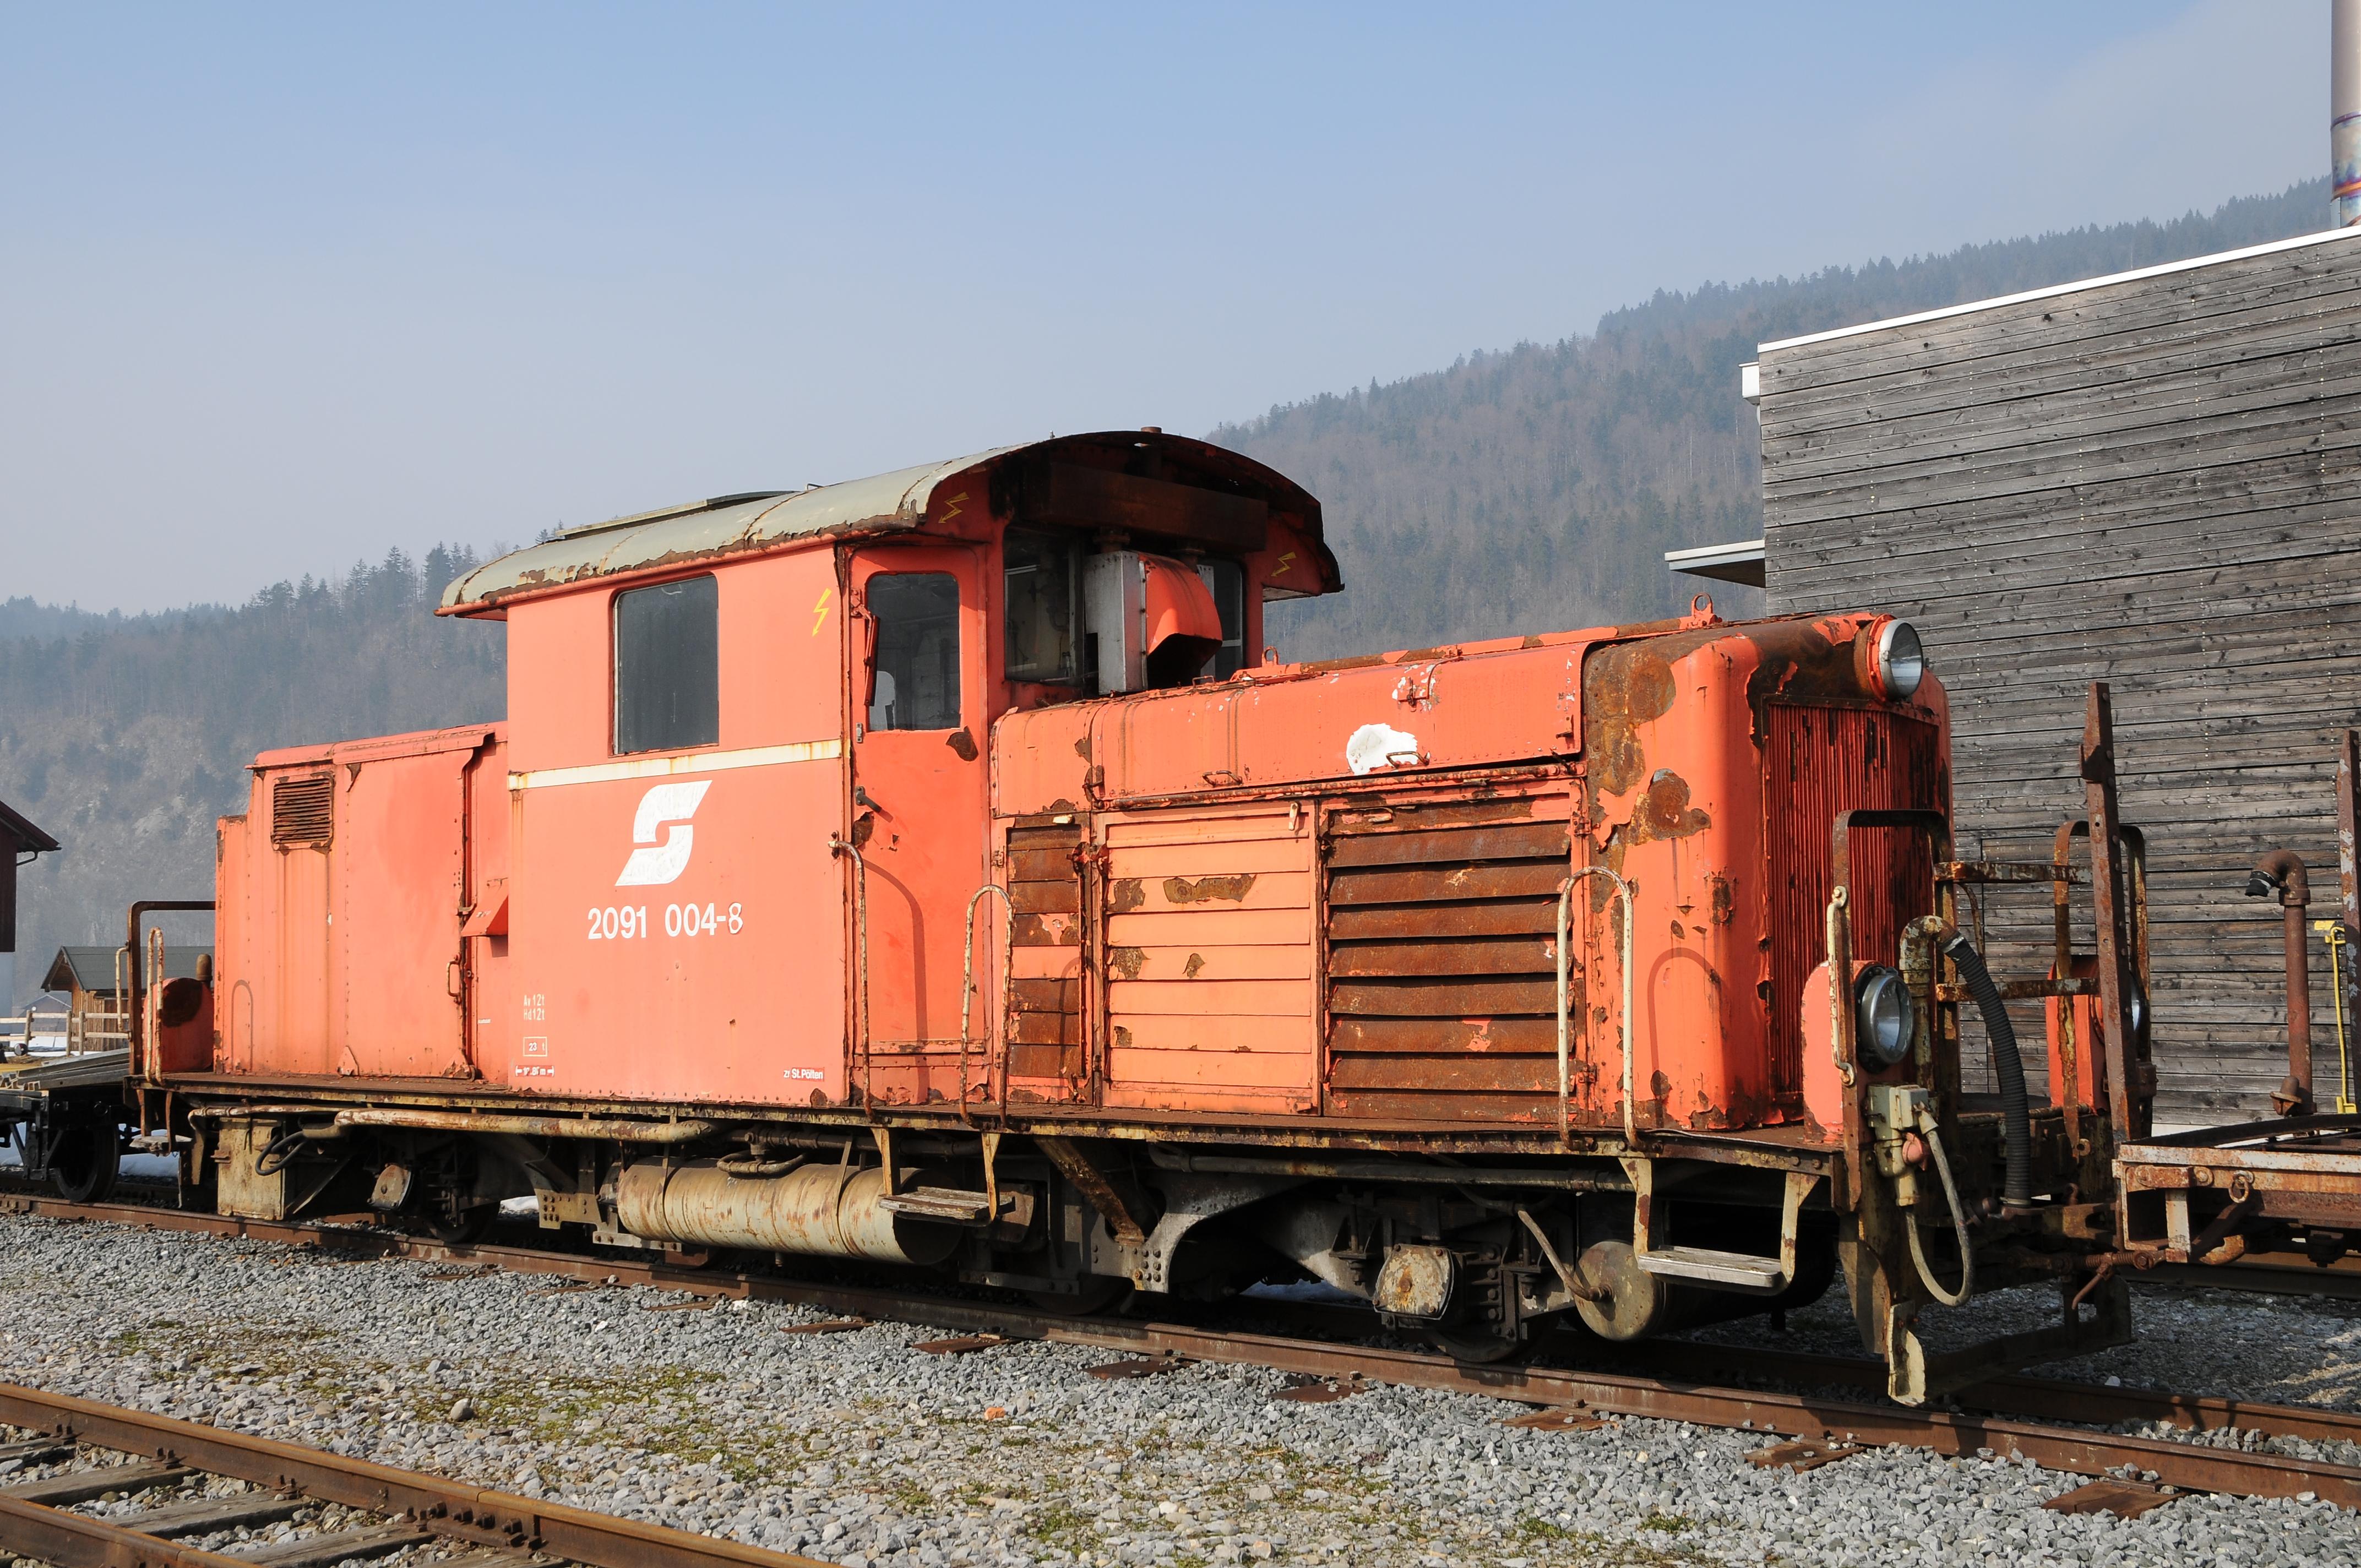 File:ÖBB Diesellok 2091 004-8.JPG